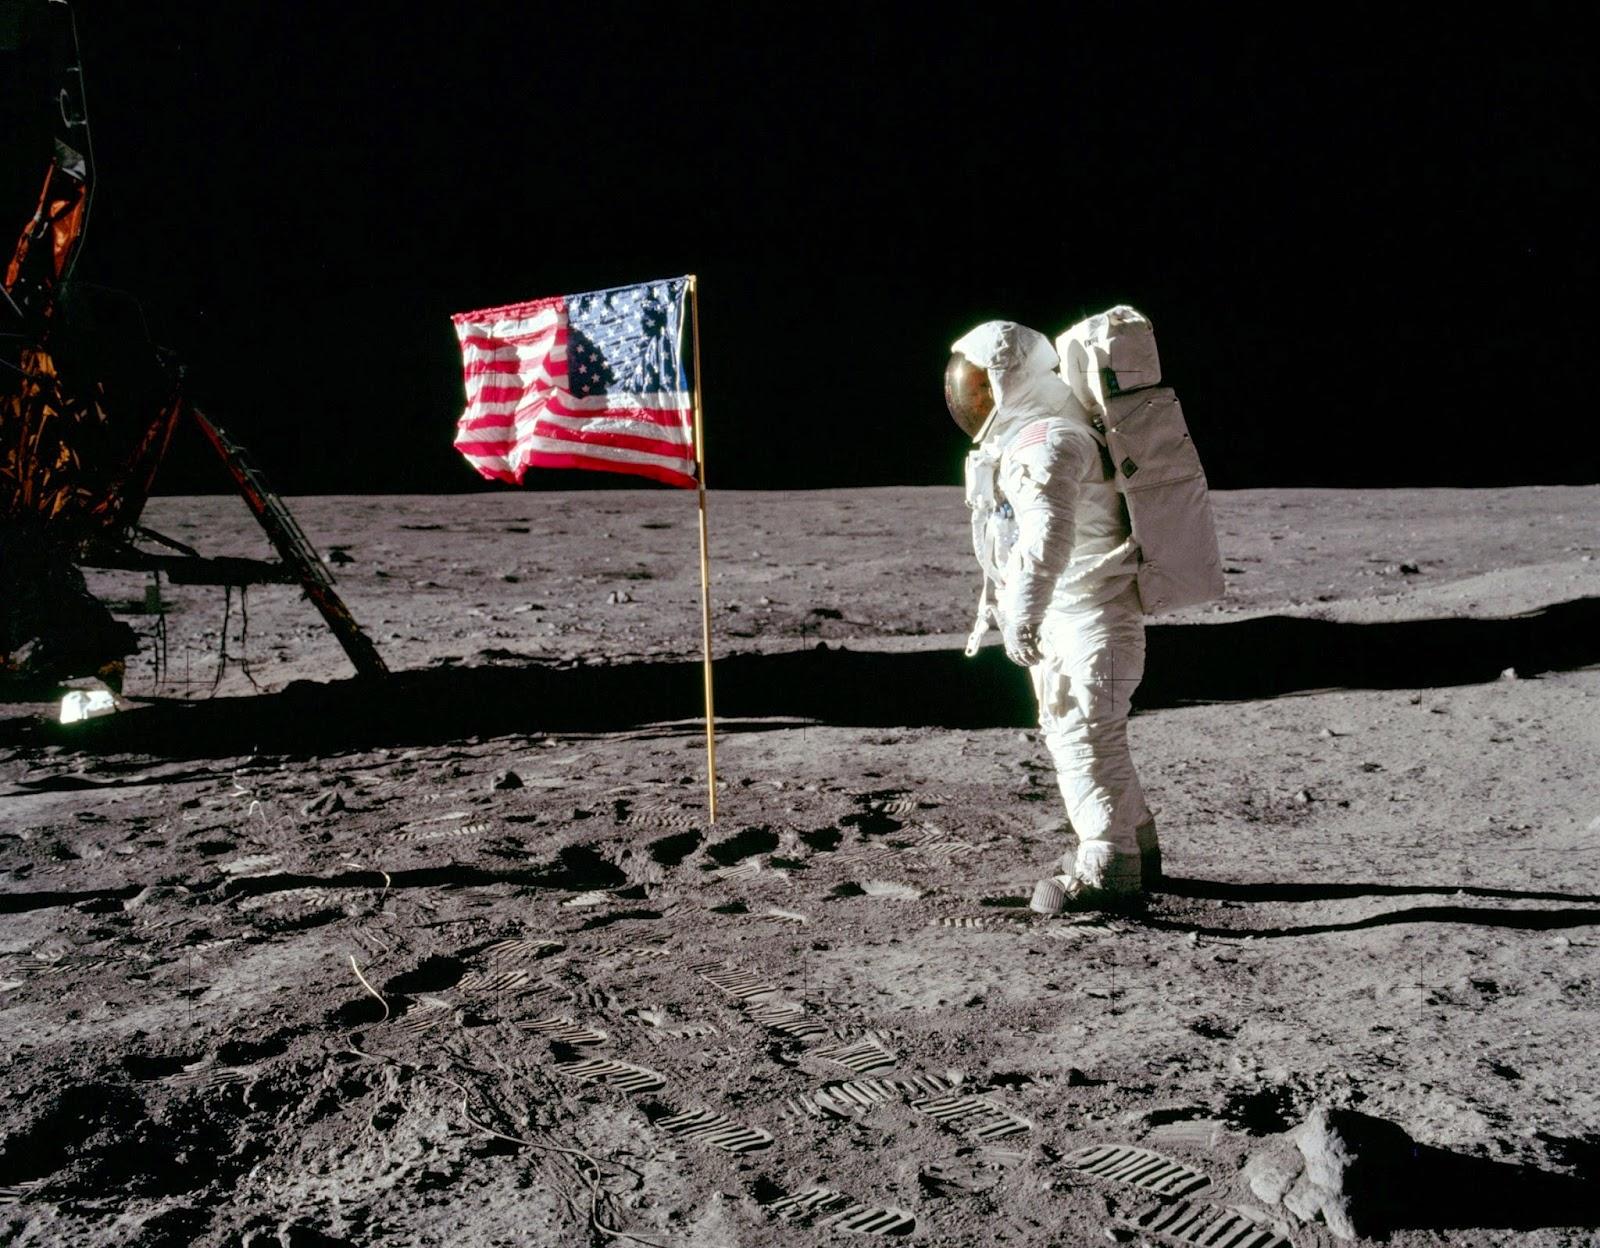 Una foto lunare con un astronauta americano di fronte alla bandiera.